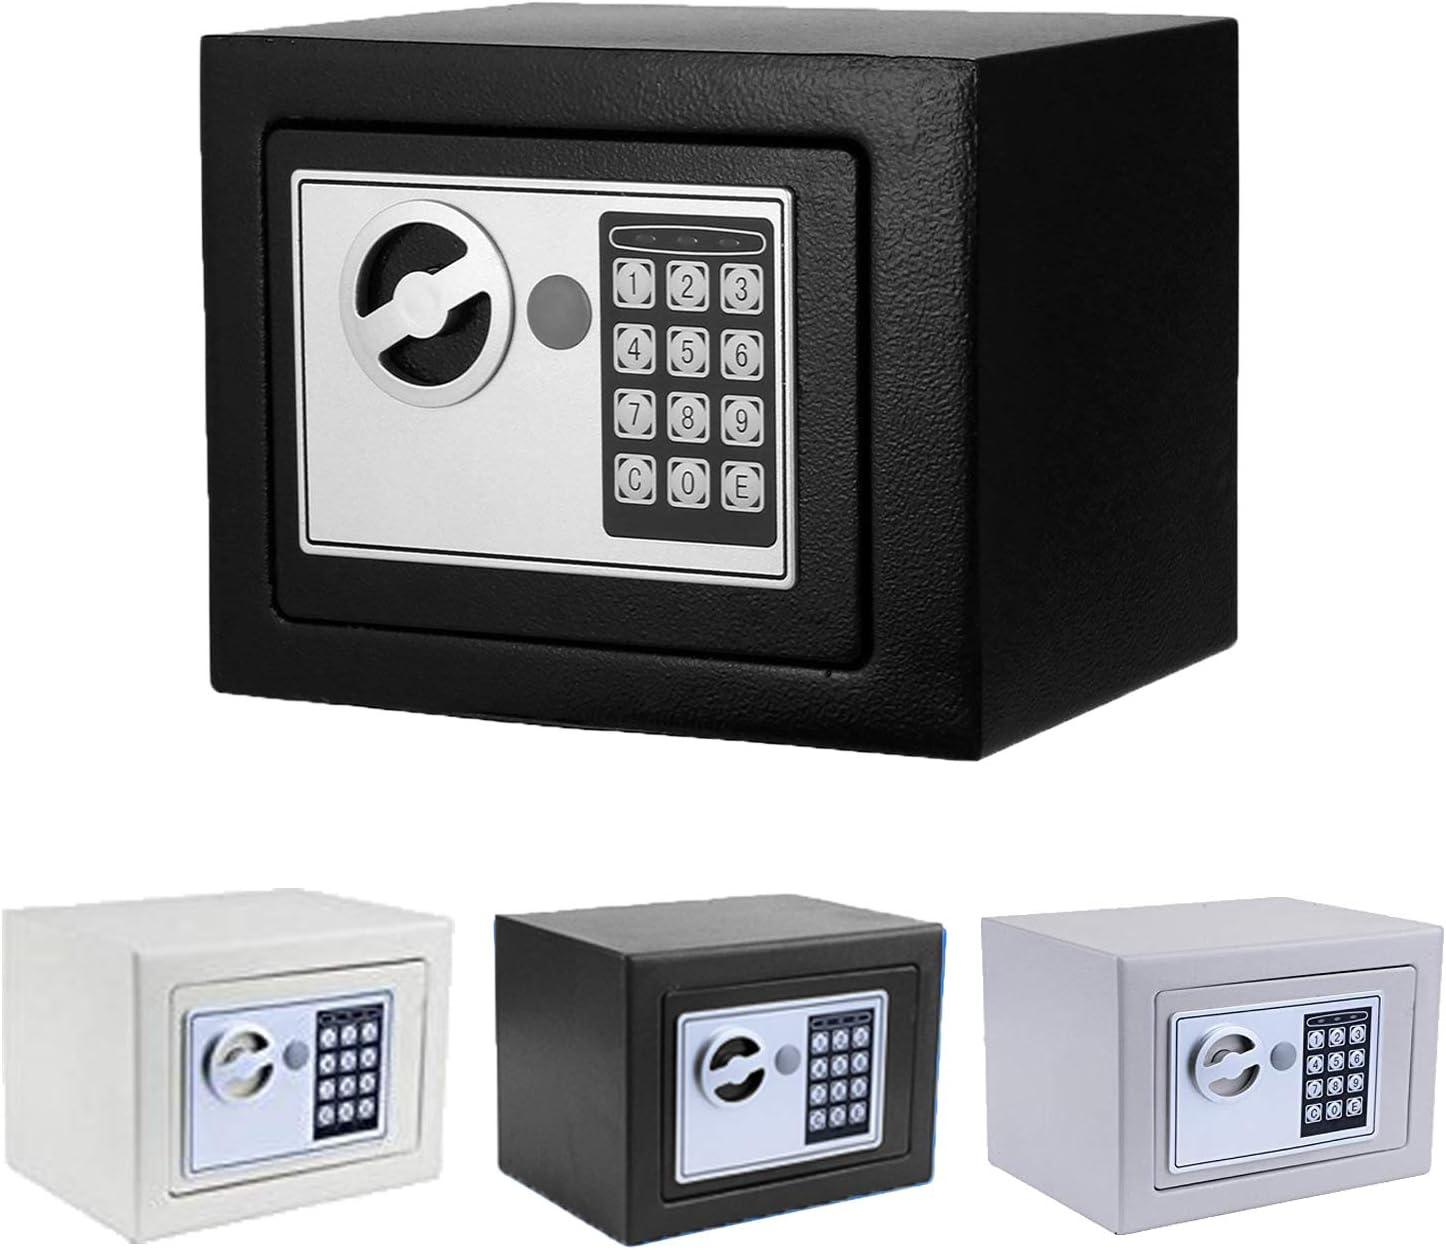 Caja de seguridad con cerradura ignífuga con bloqueo digital, anclaje de pared seguro para pistola de joyería y almacenamiento de dinero en efectivo: Amazon.es: Oficina y papelería